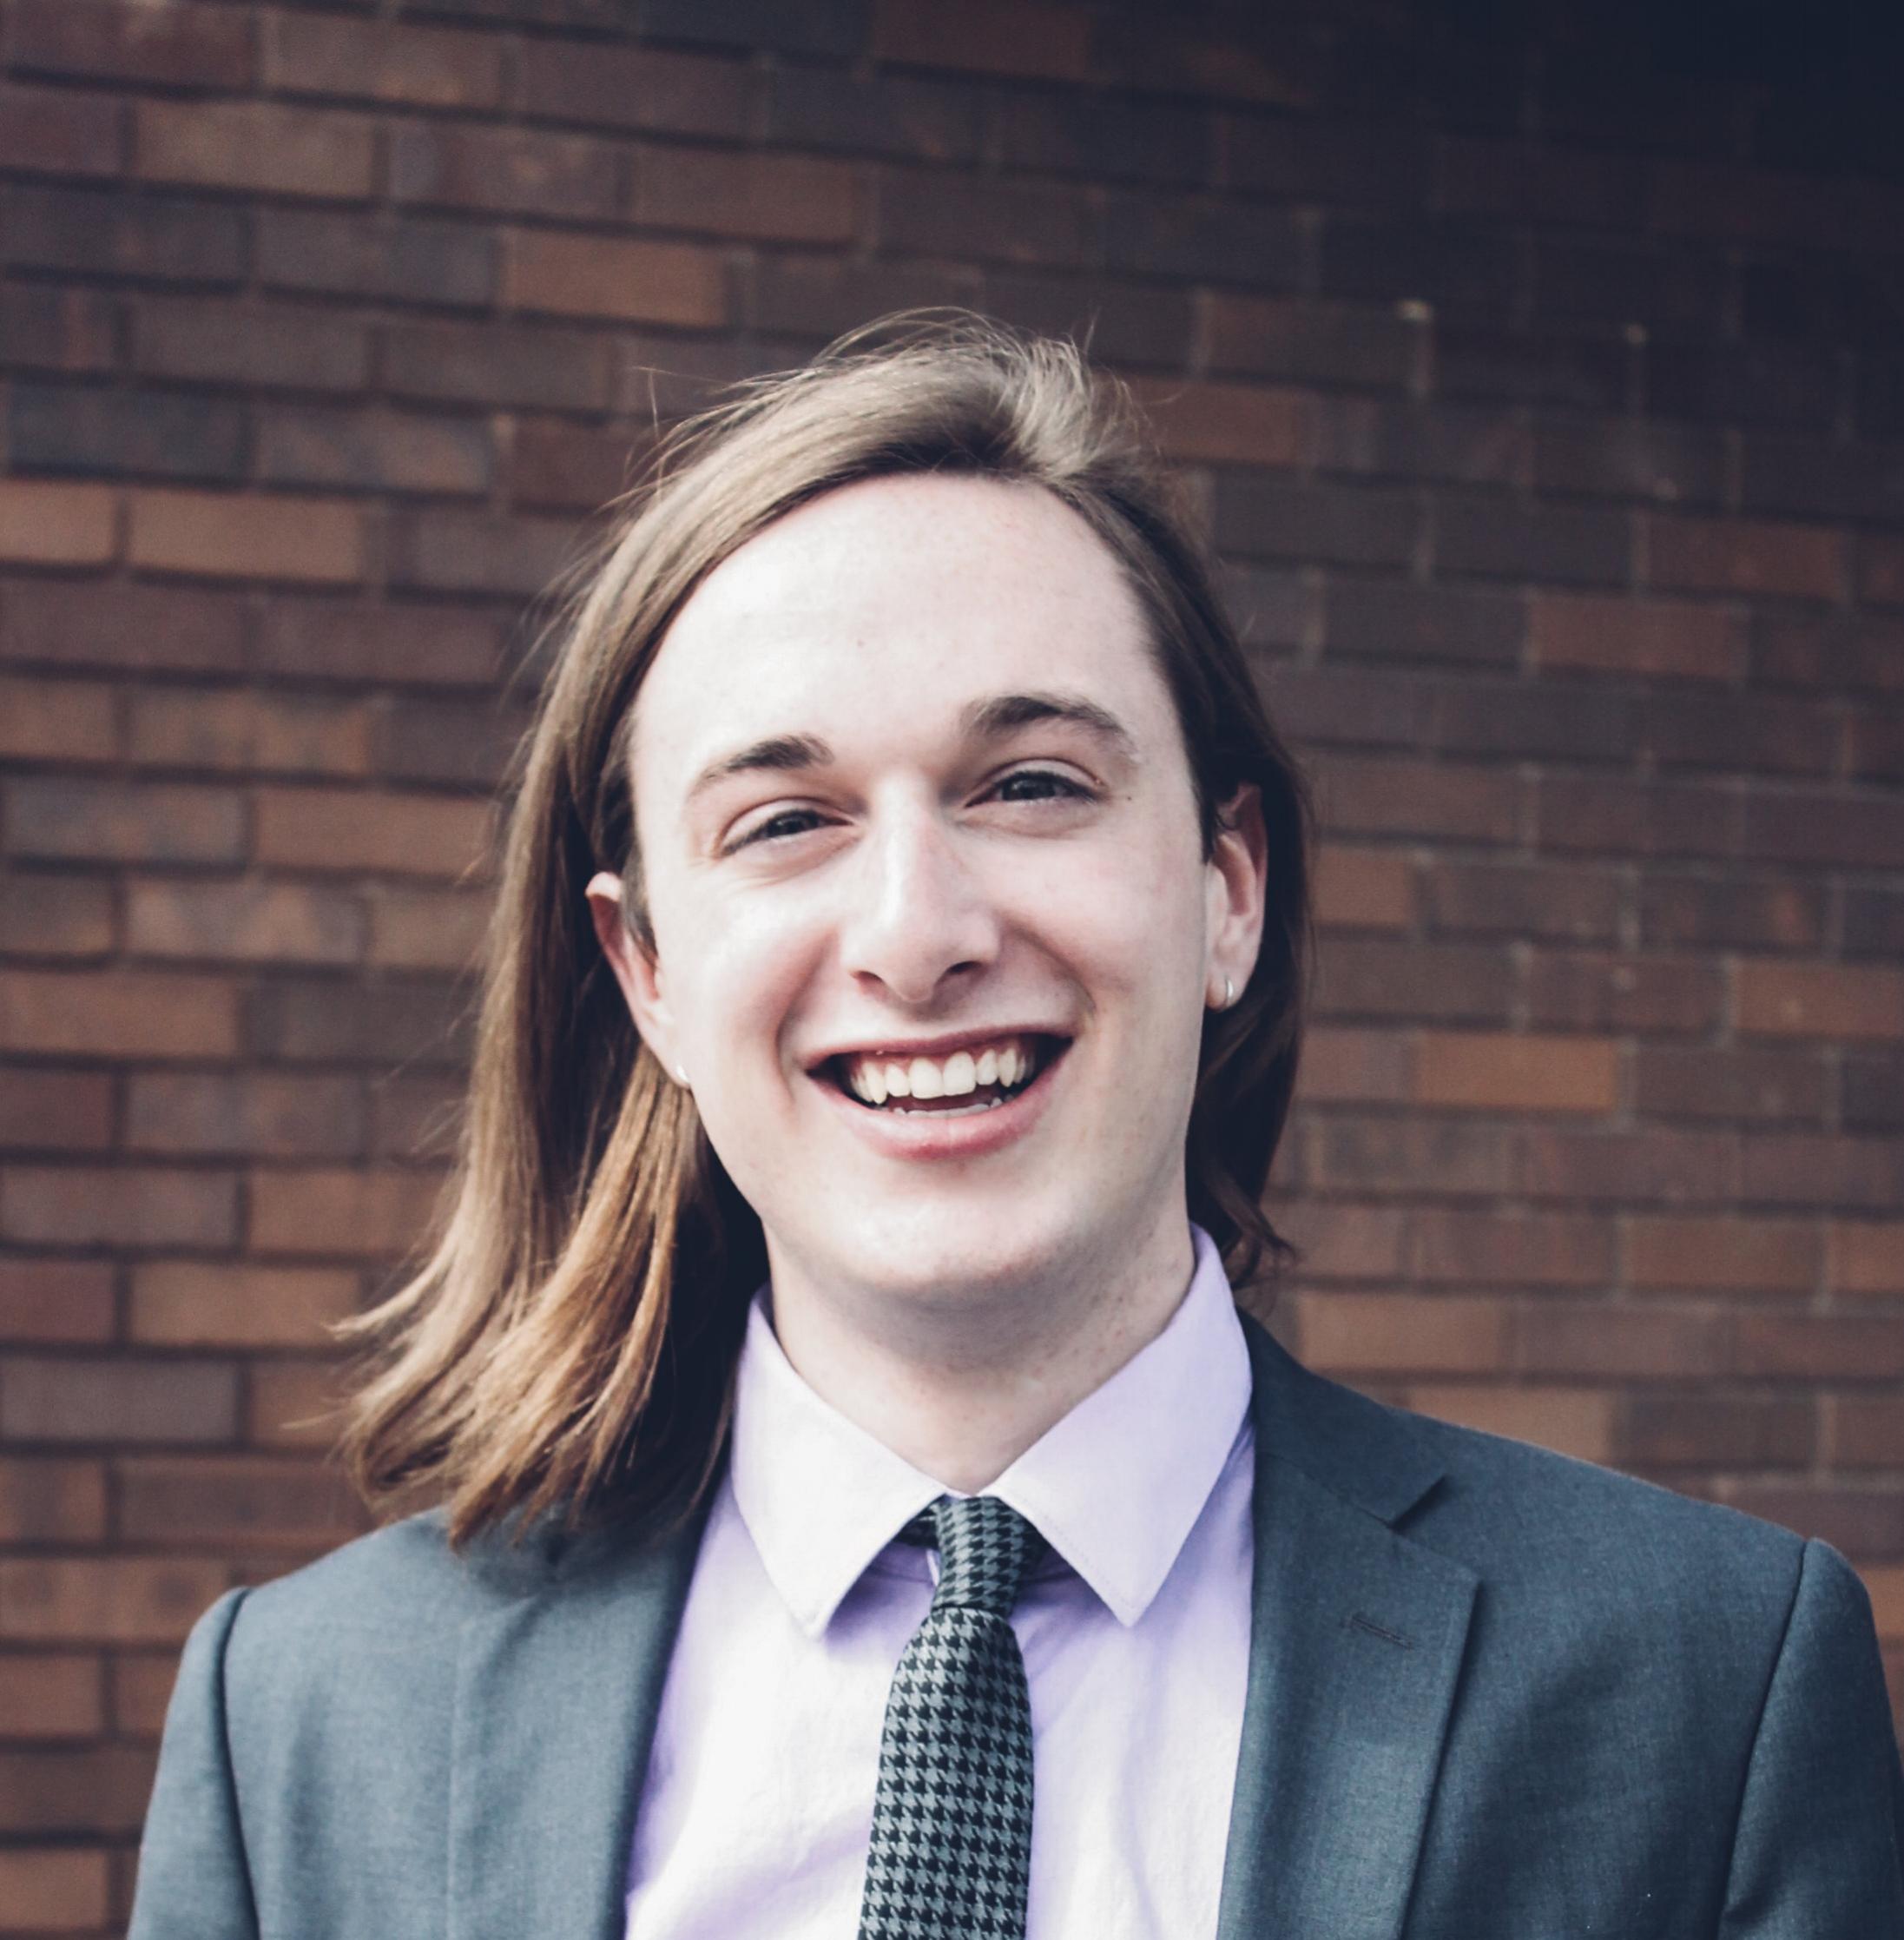 Paxton Gillespie Headshot - Paxton Gillespie.jpg